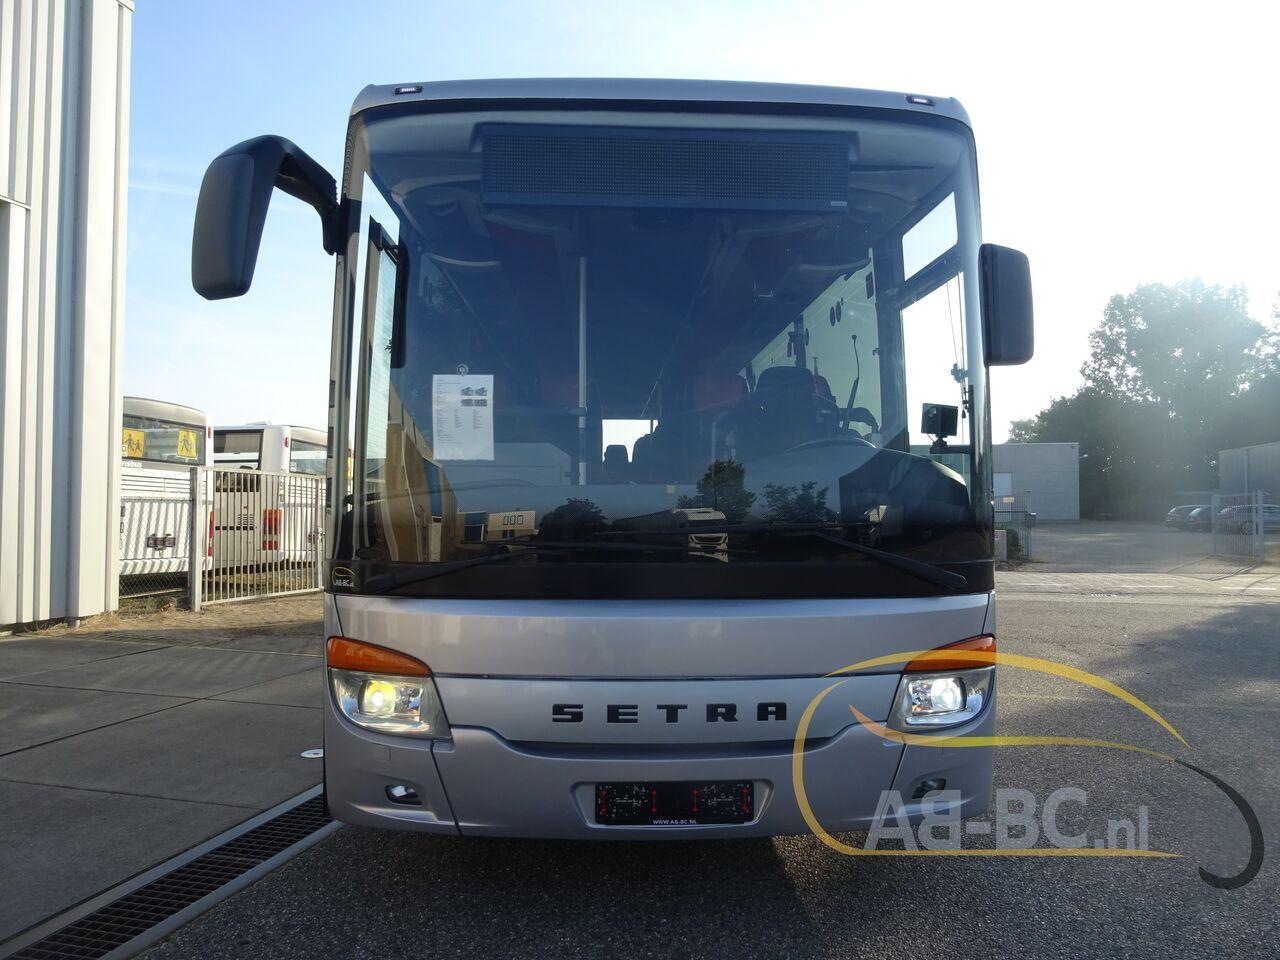 coach-bus-SETRA-S415H-52-Seats-EURO-6-Liftbus---1630913100996852487_big_97b0ebb44b6d62307f1c46eb1325a1f9--21070517141280735500